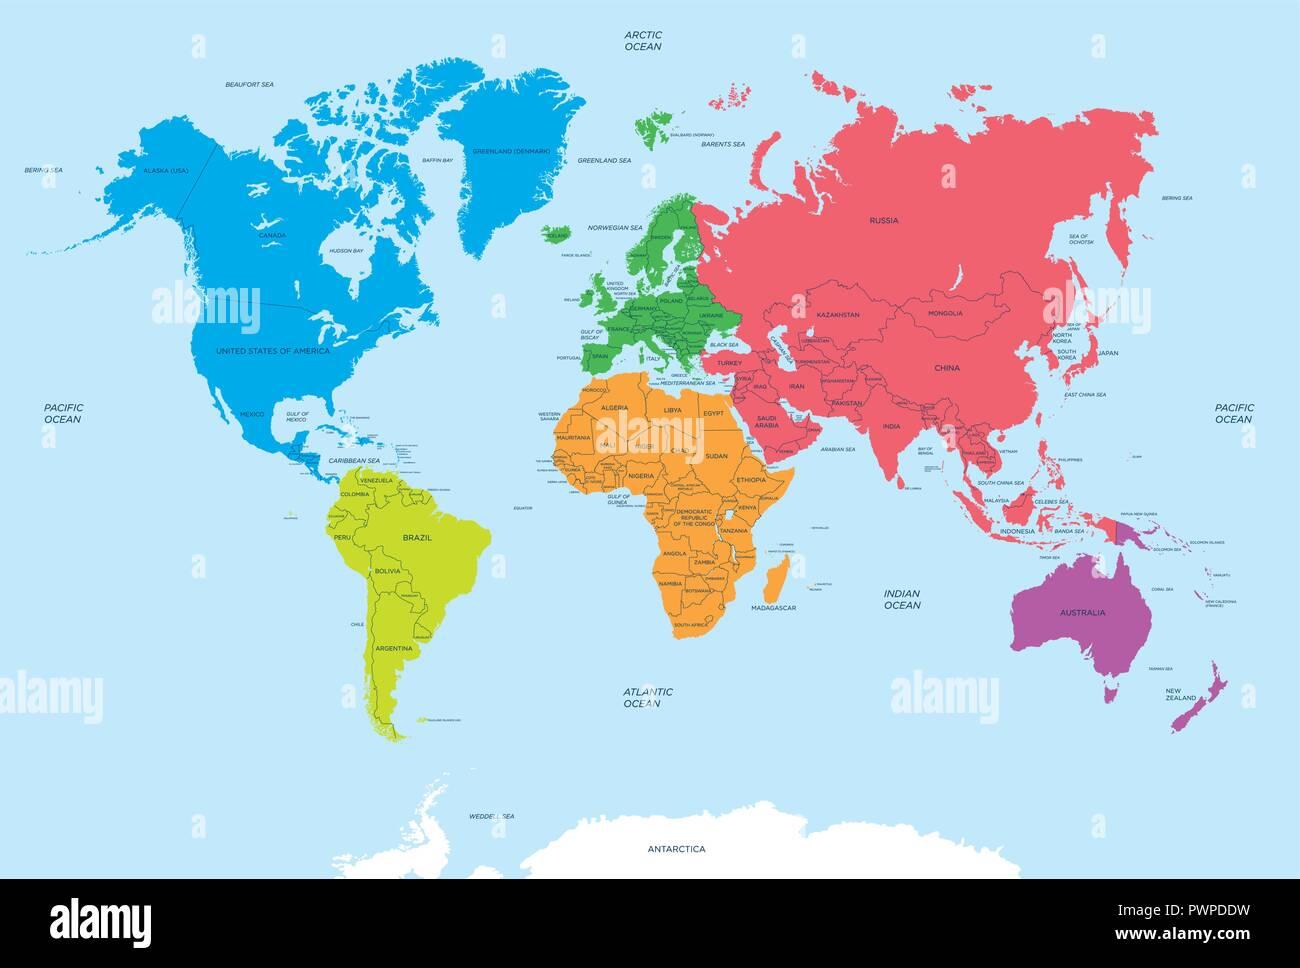 Karte Kontinente Welt.Kontinente Der Welt Und Politische Karte Vector Illustration